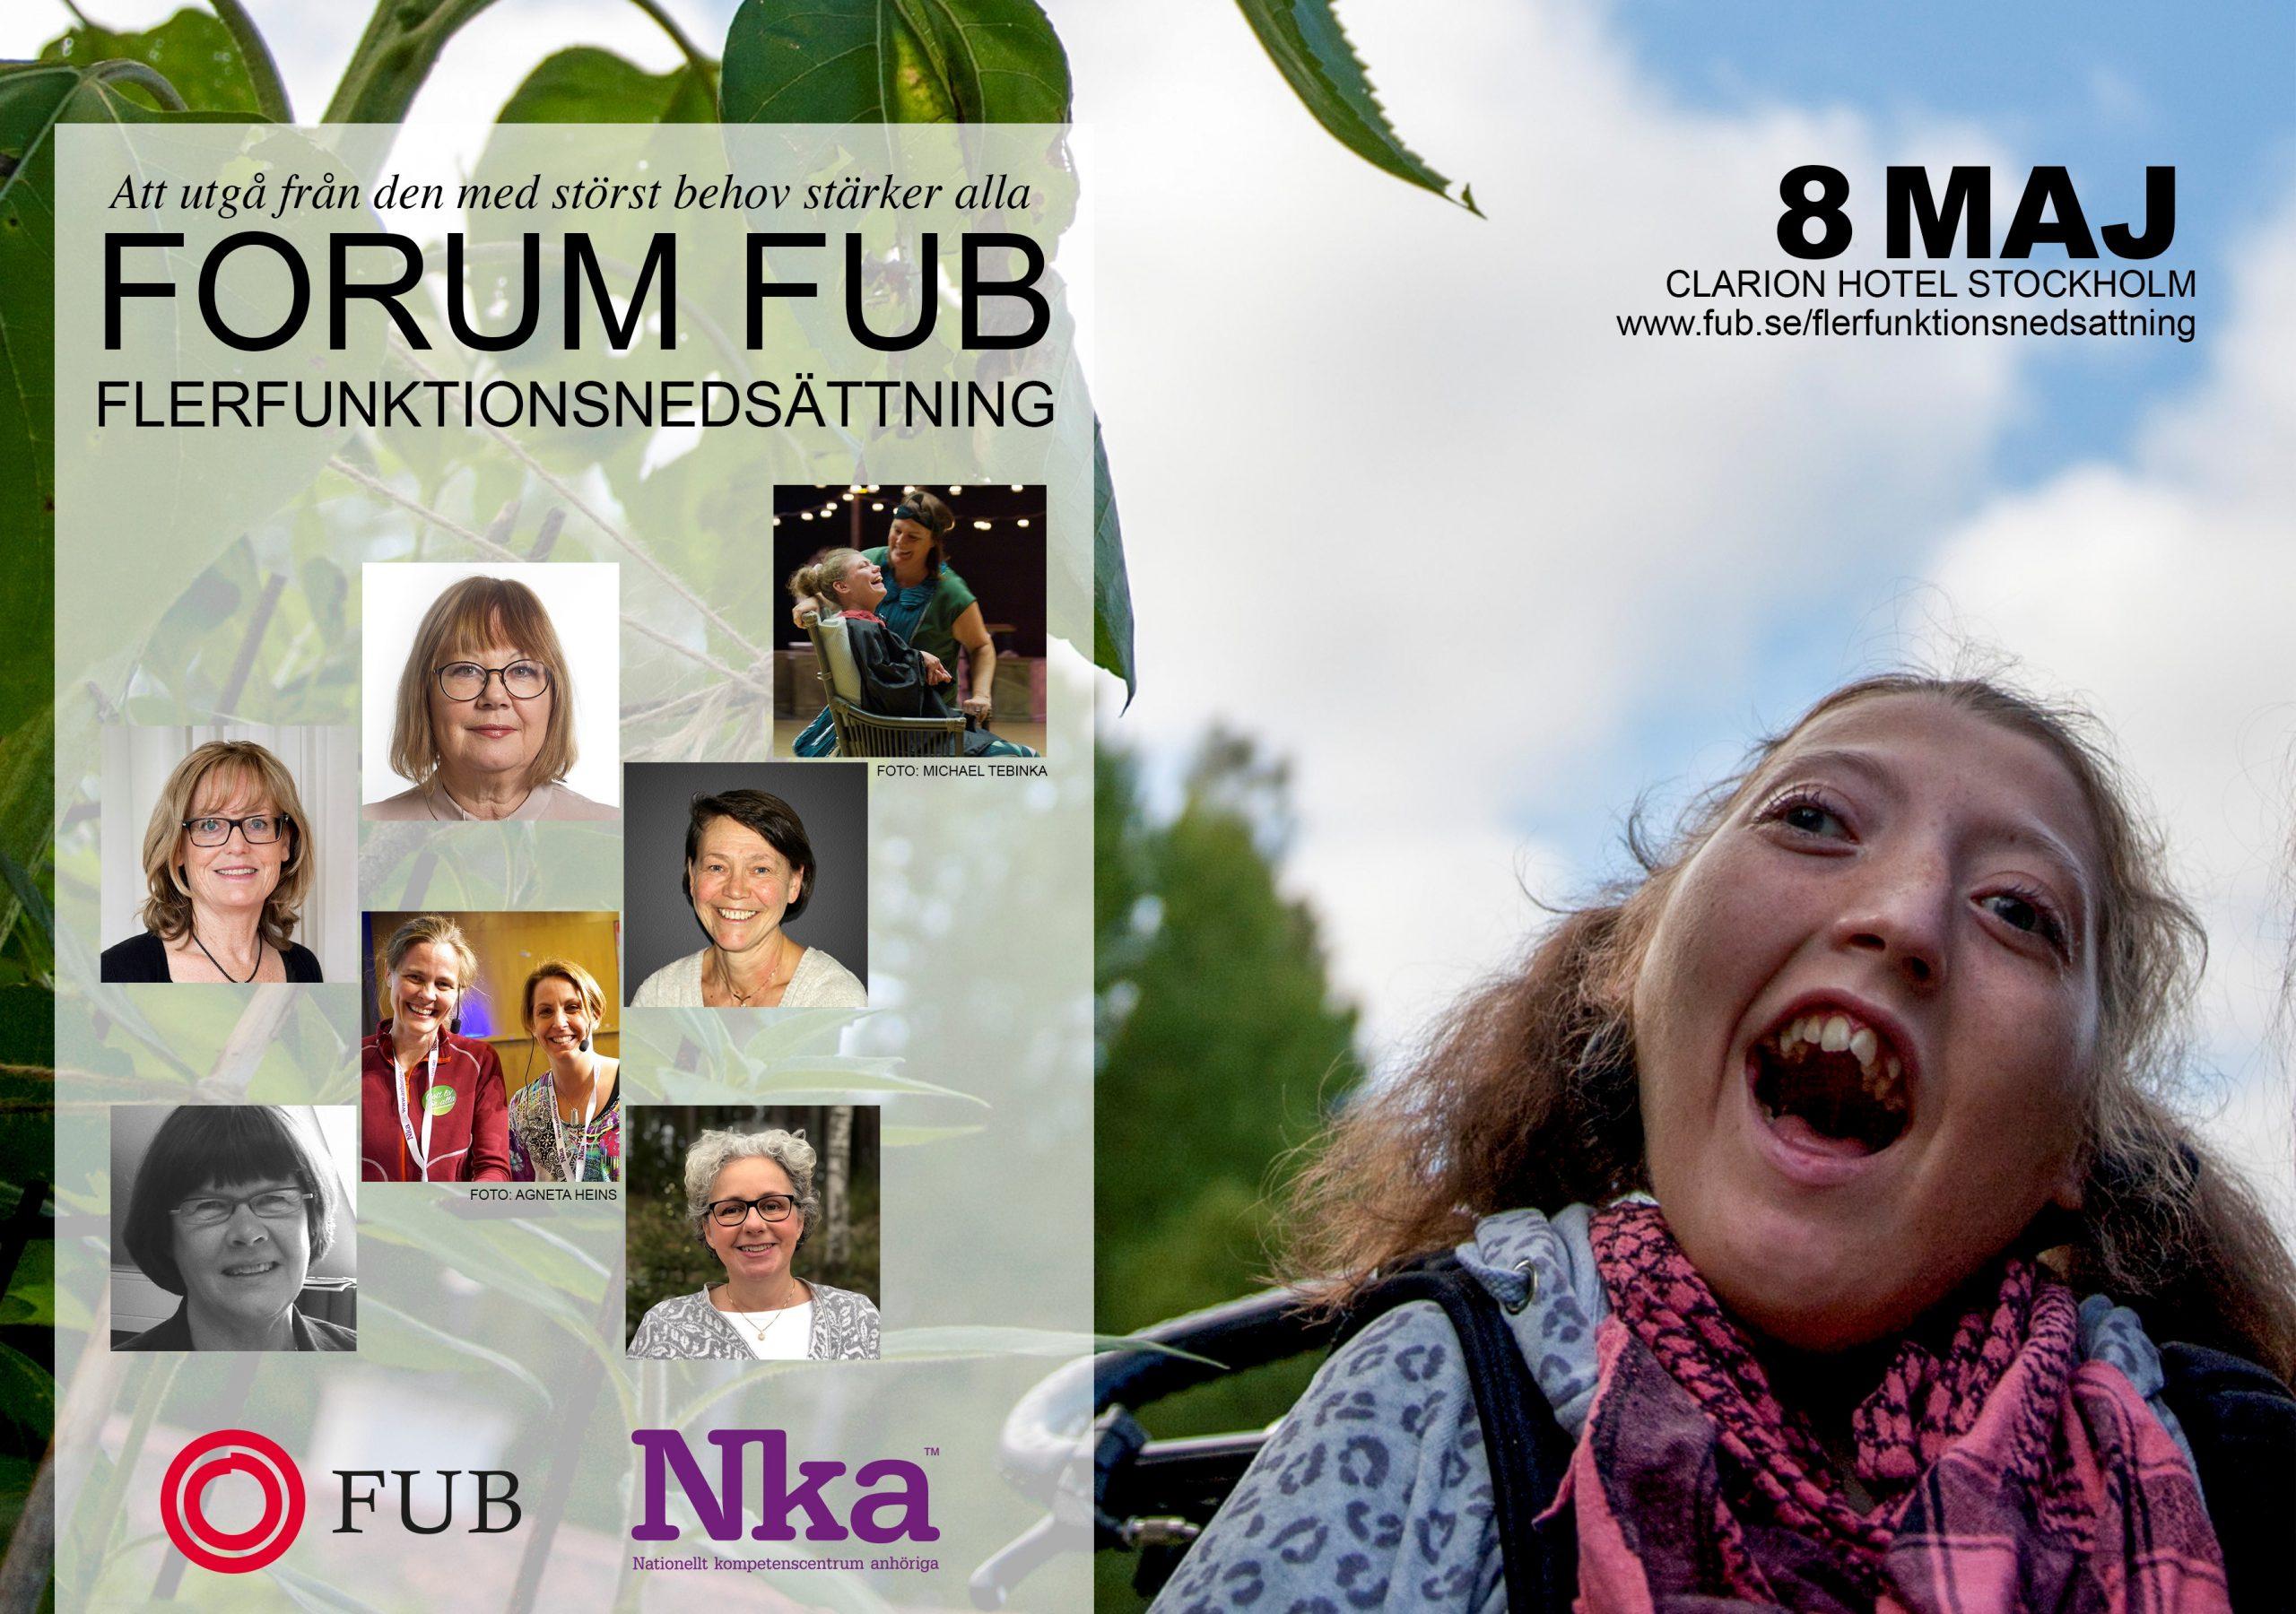 Forum FUB Flerfunktionsnedsättning, länk till all information